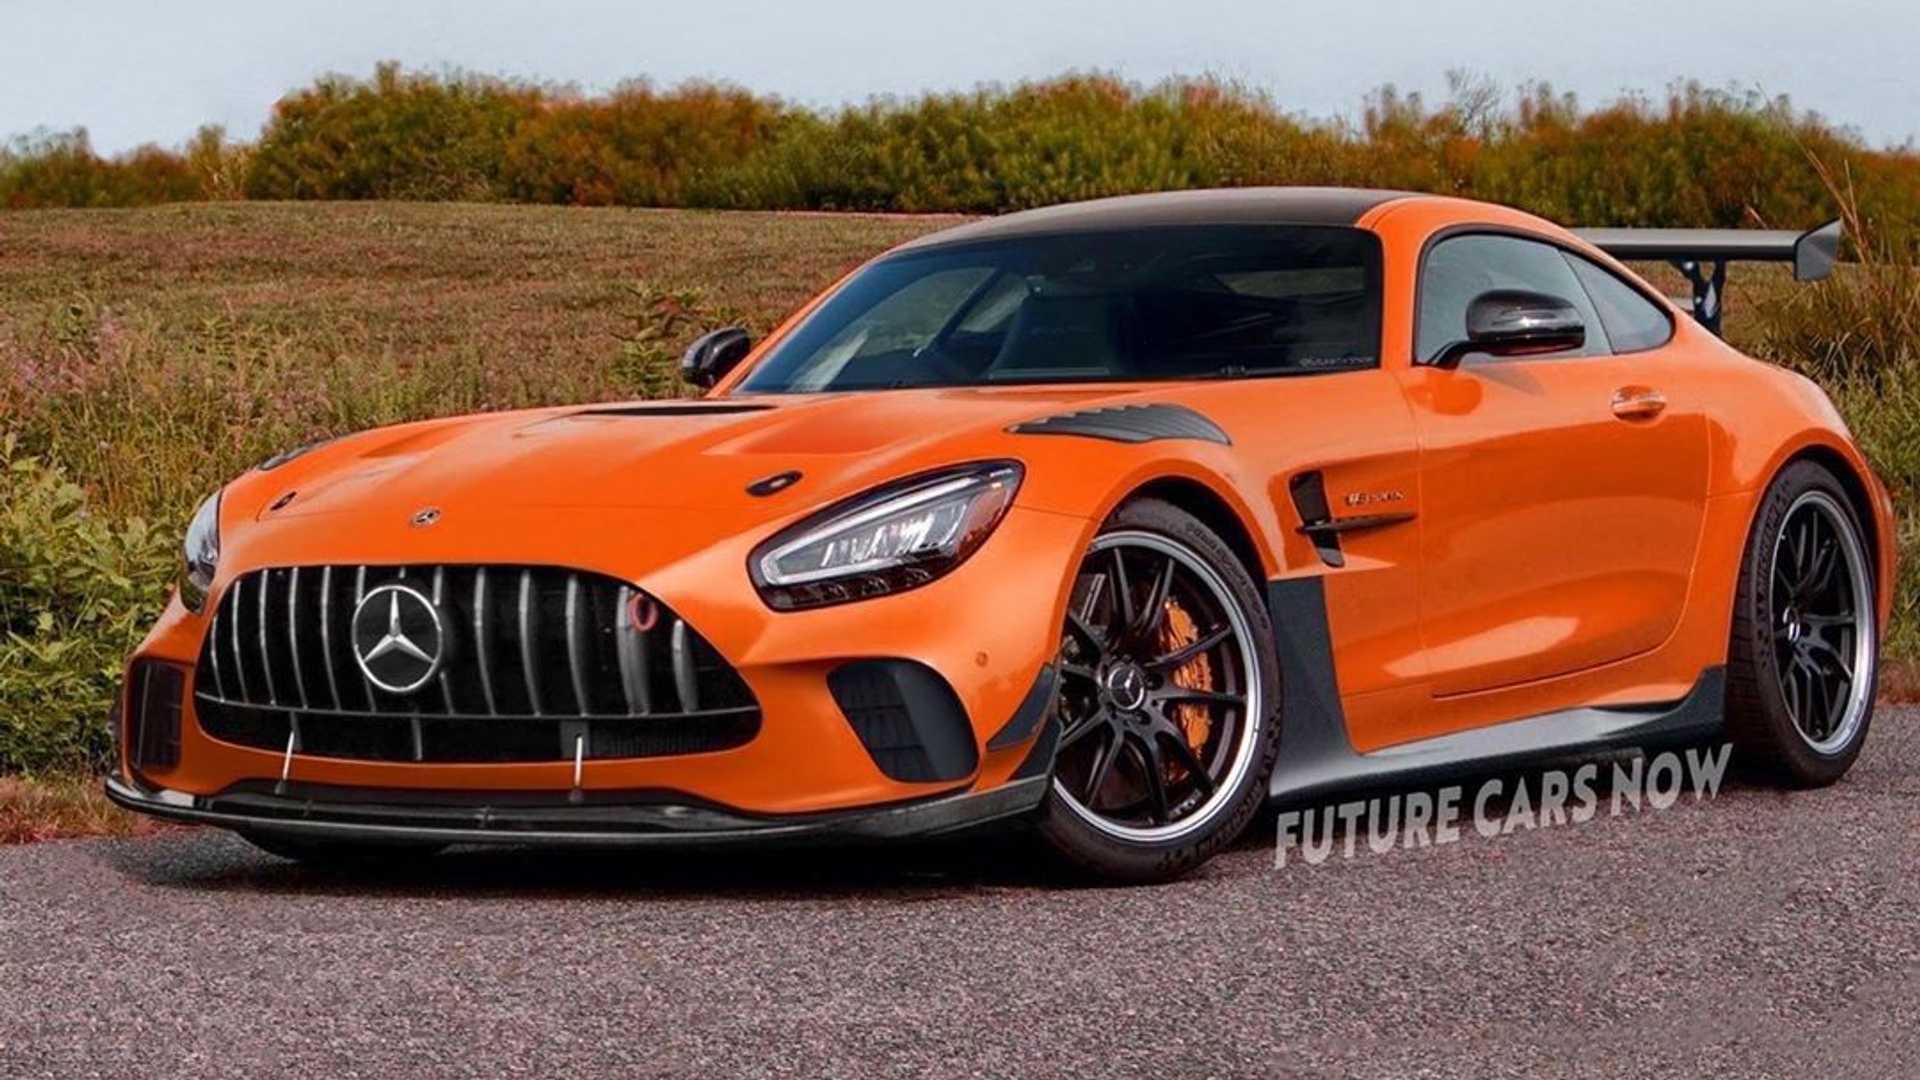 Mercedes-AMG GT Black Series Rendered In Eye-Catching Orange